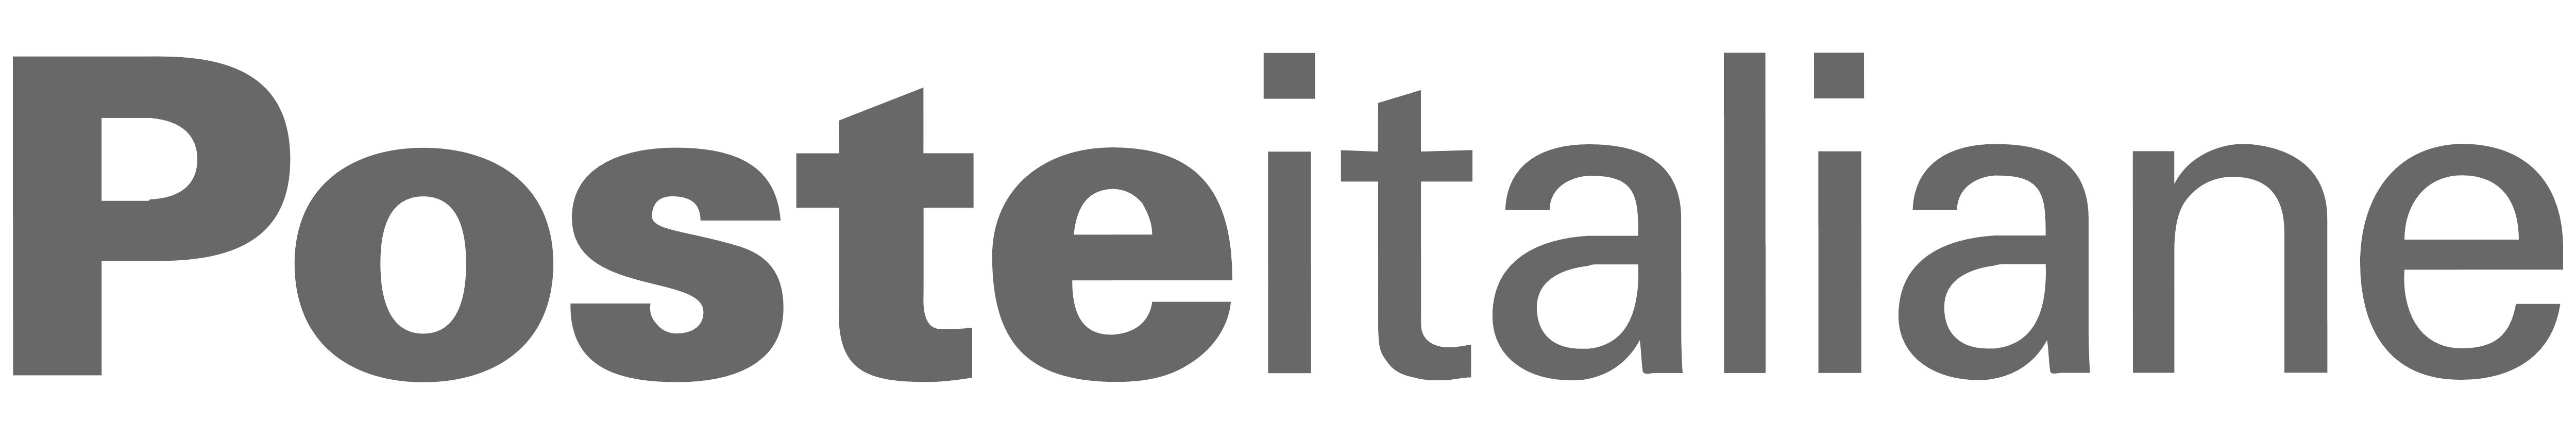 Poste_Italiane_logo_logotype-2